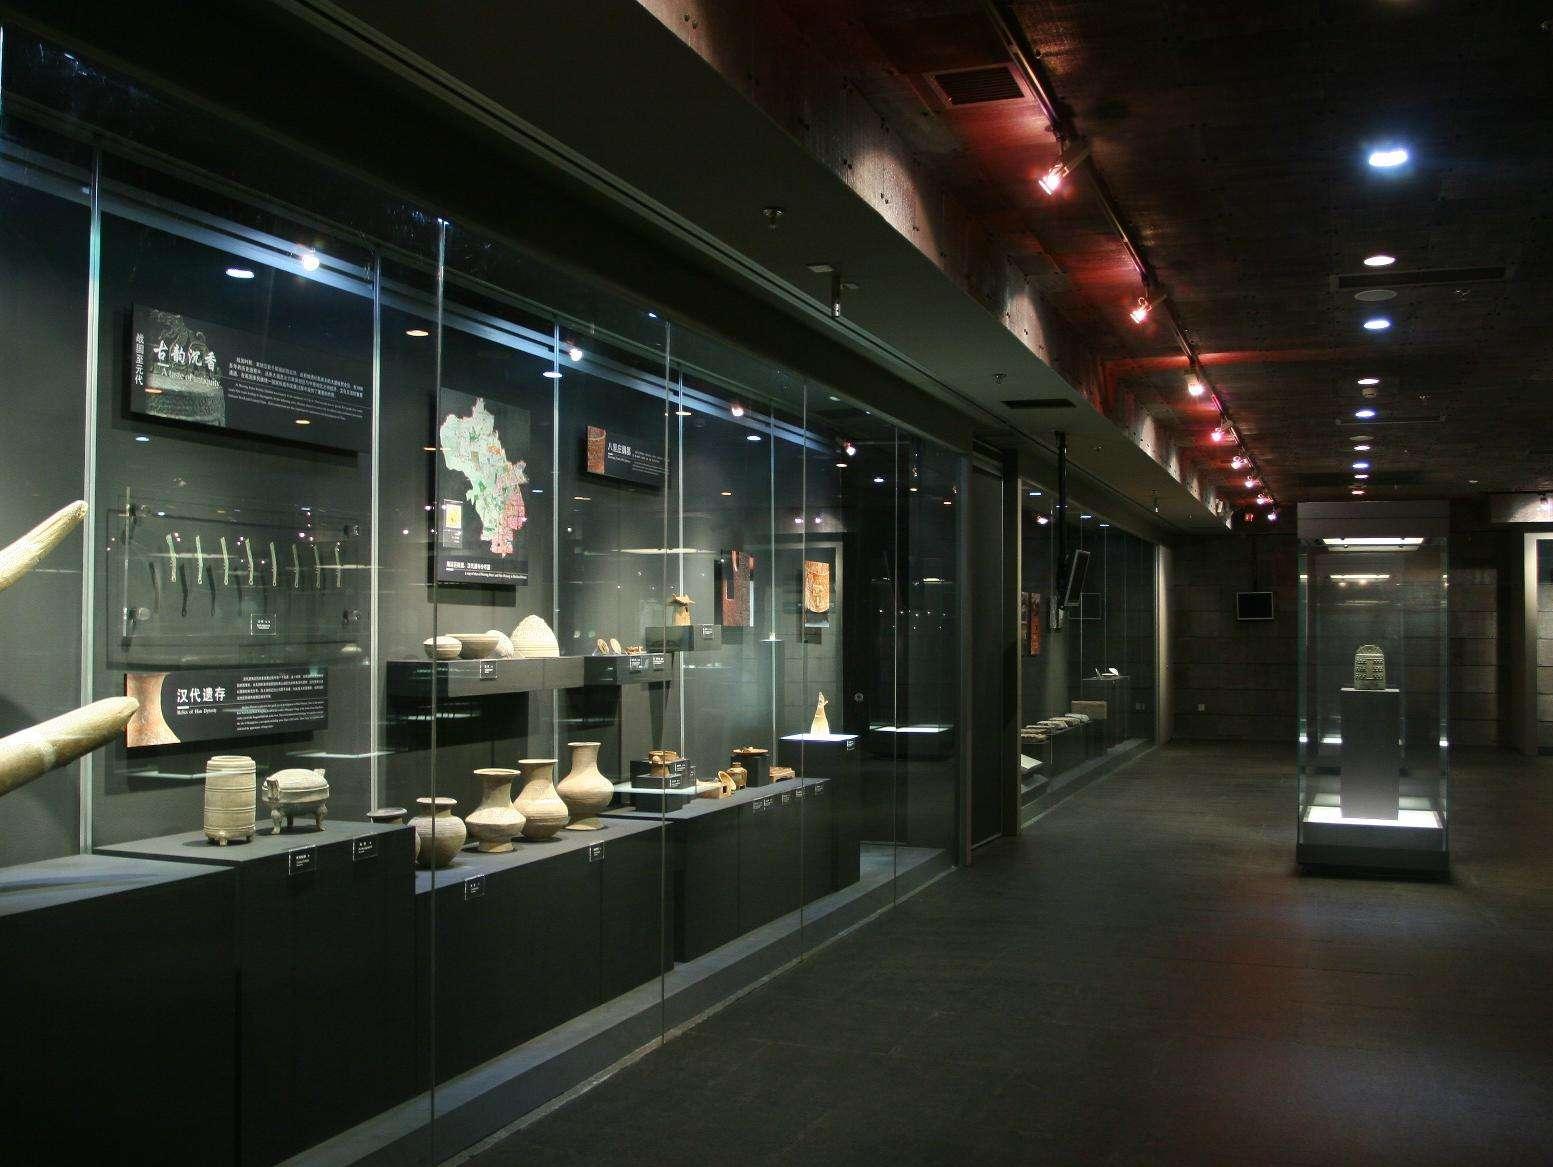 北京某博物馆的温湿度监控,告诉我们什么呢?